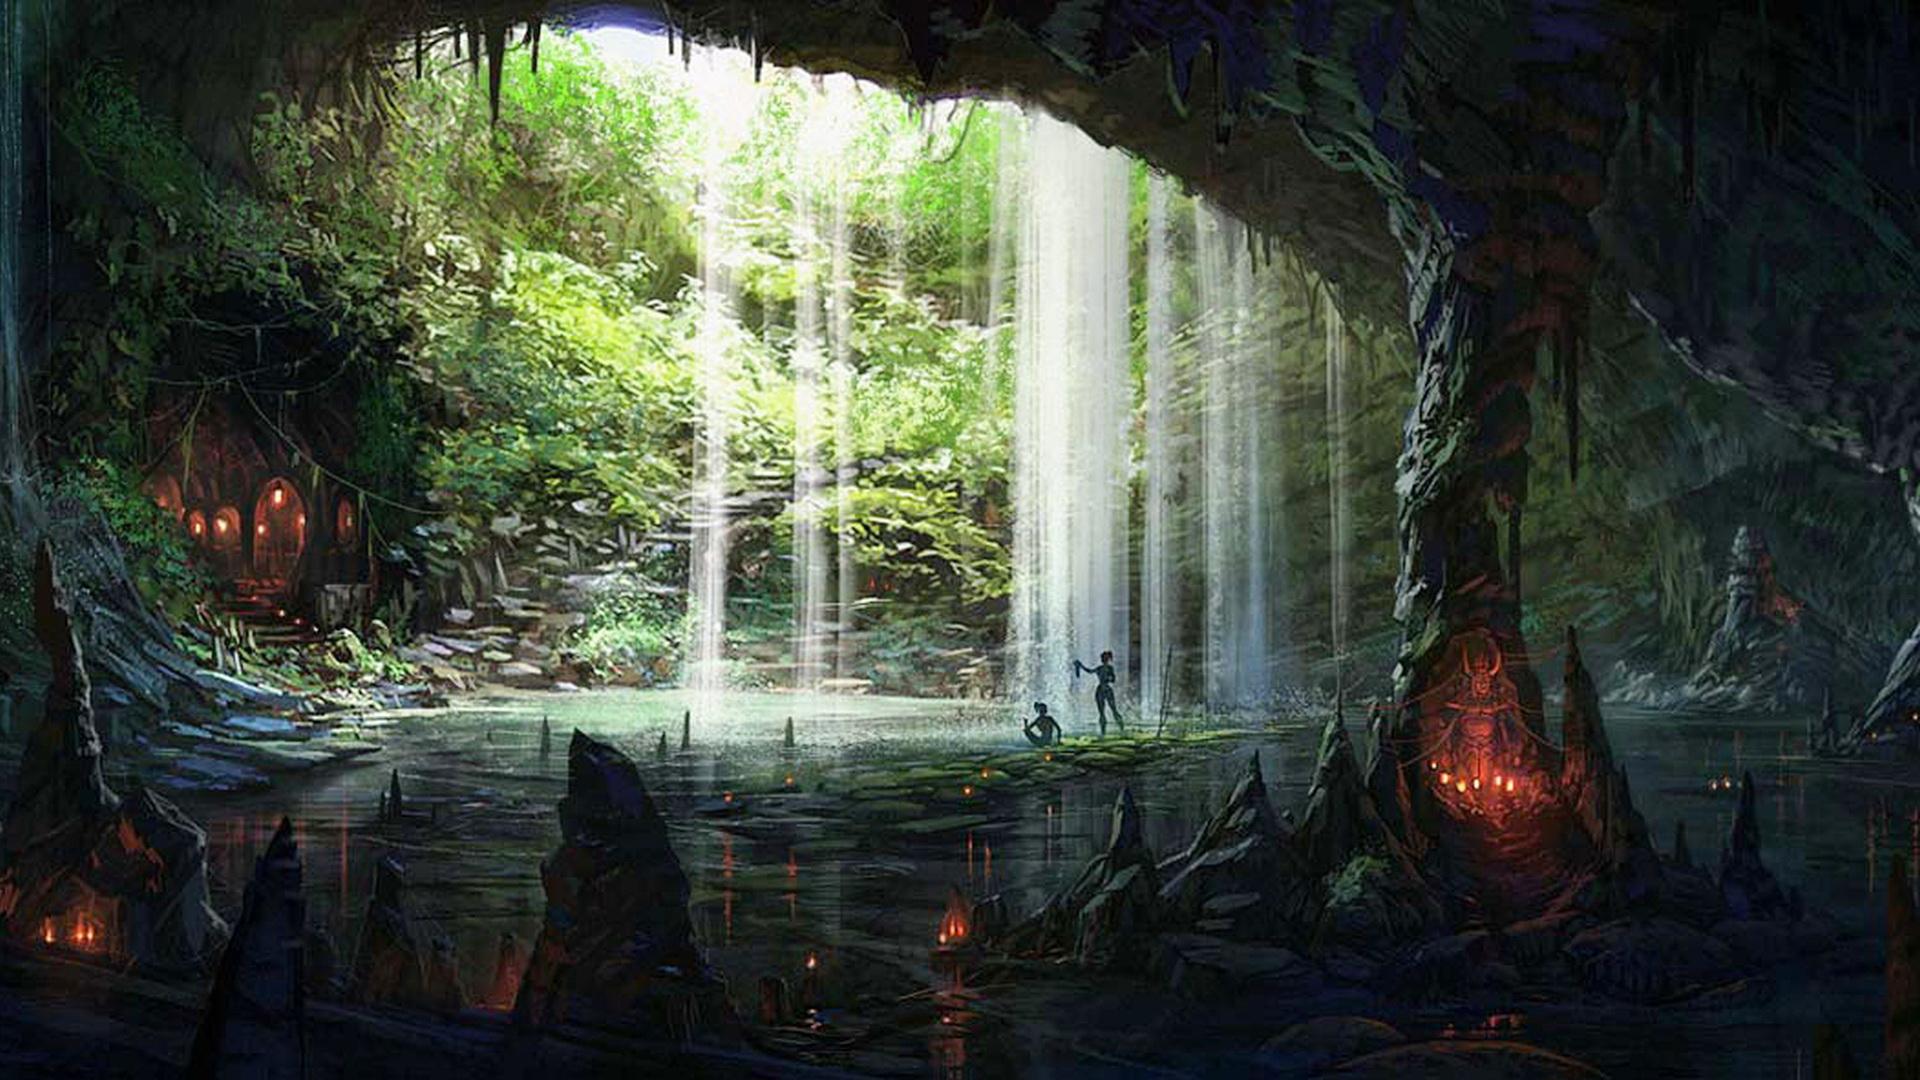 Wallpaper : 1920x1080 px, cave, fantasy, underground ...